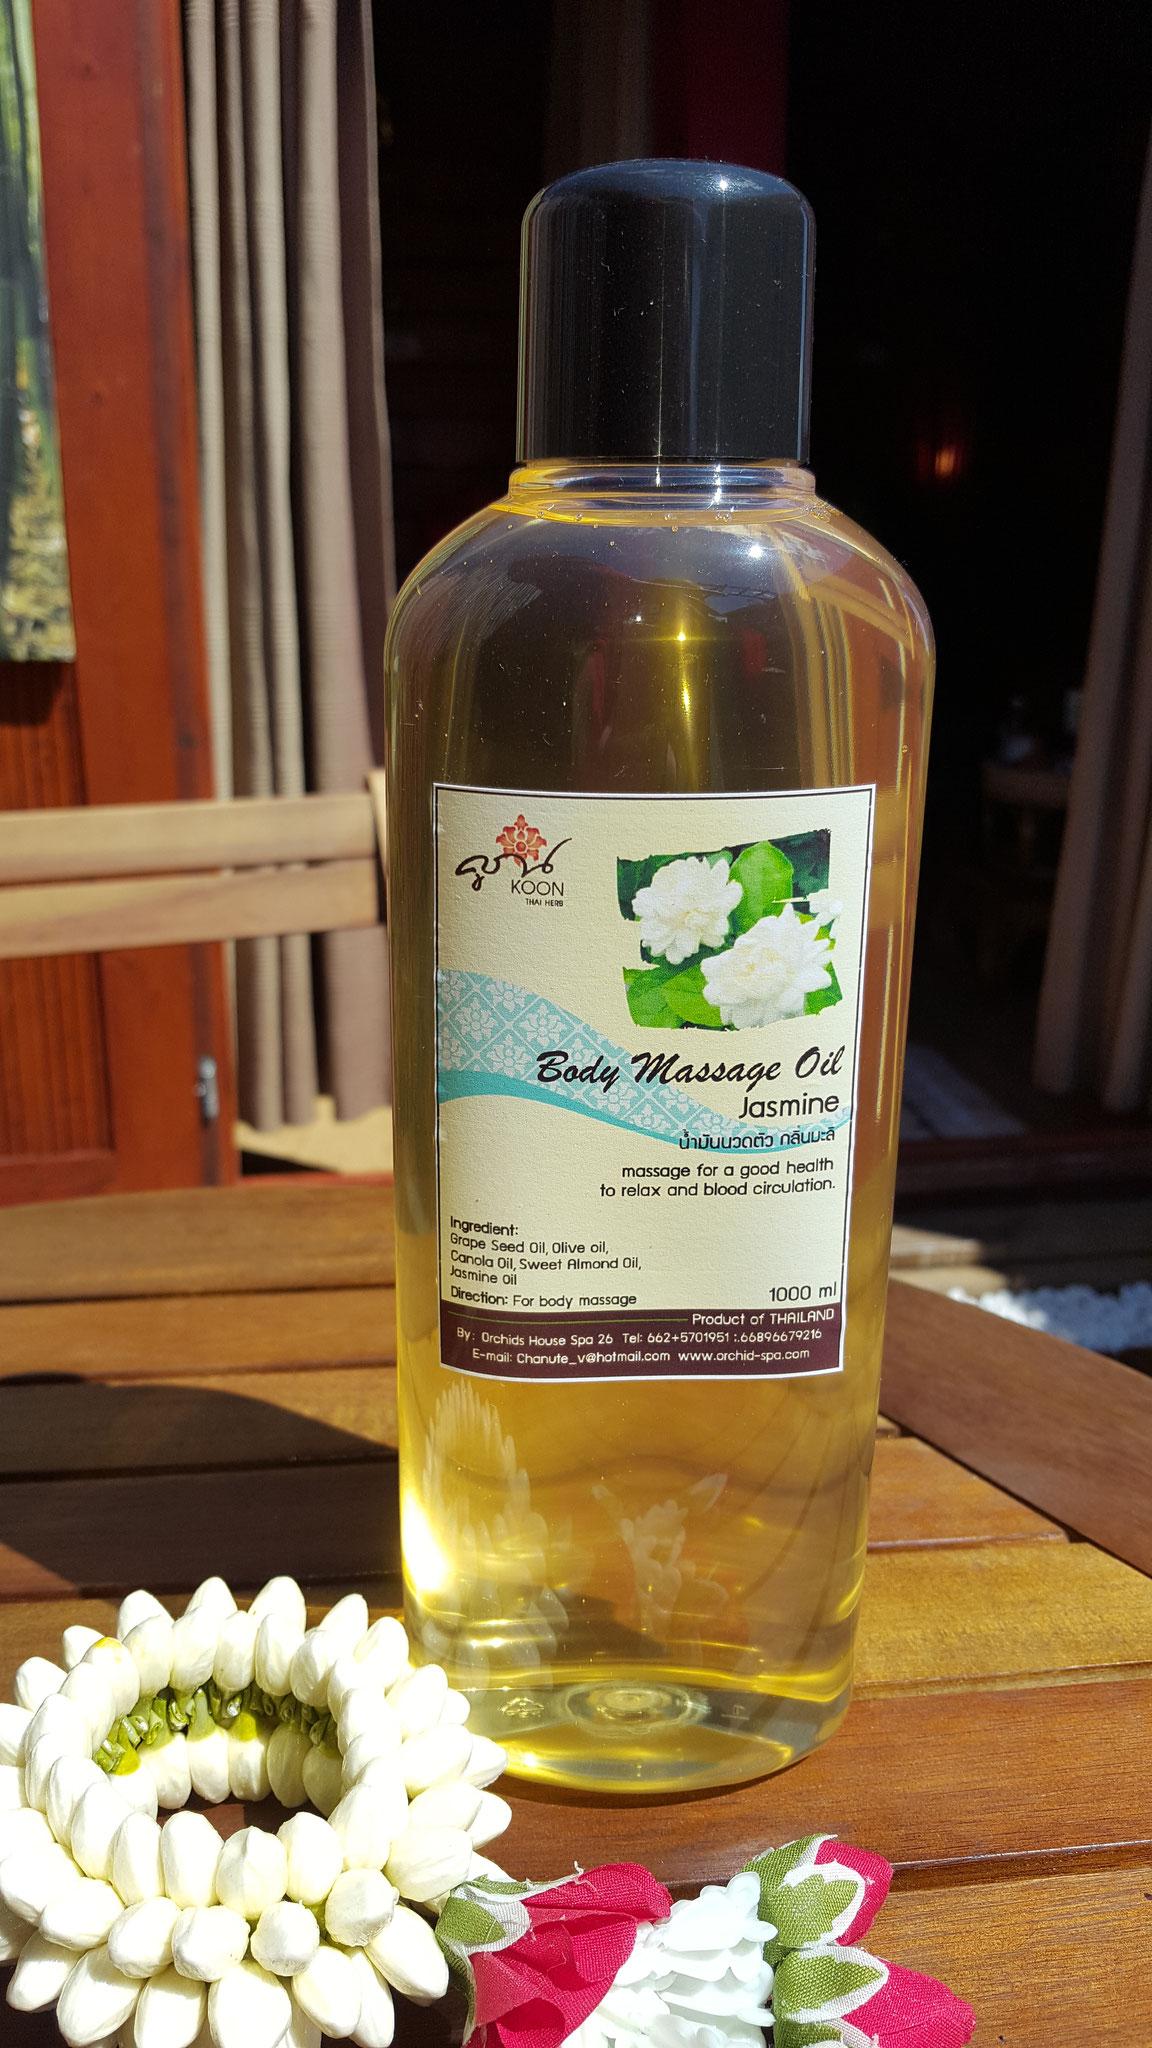 huiles essentielles de massages thaï massages bien-être et cuisine thaï à mont de marsan carte cadeau noel fête des mères anniversaire mariage saint valentin YIM SIAM